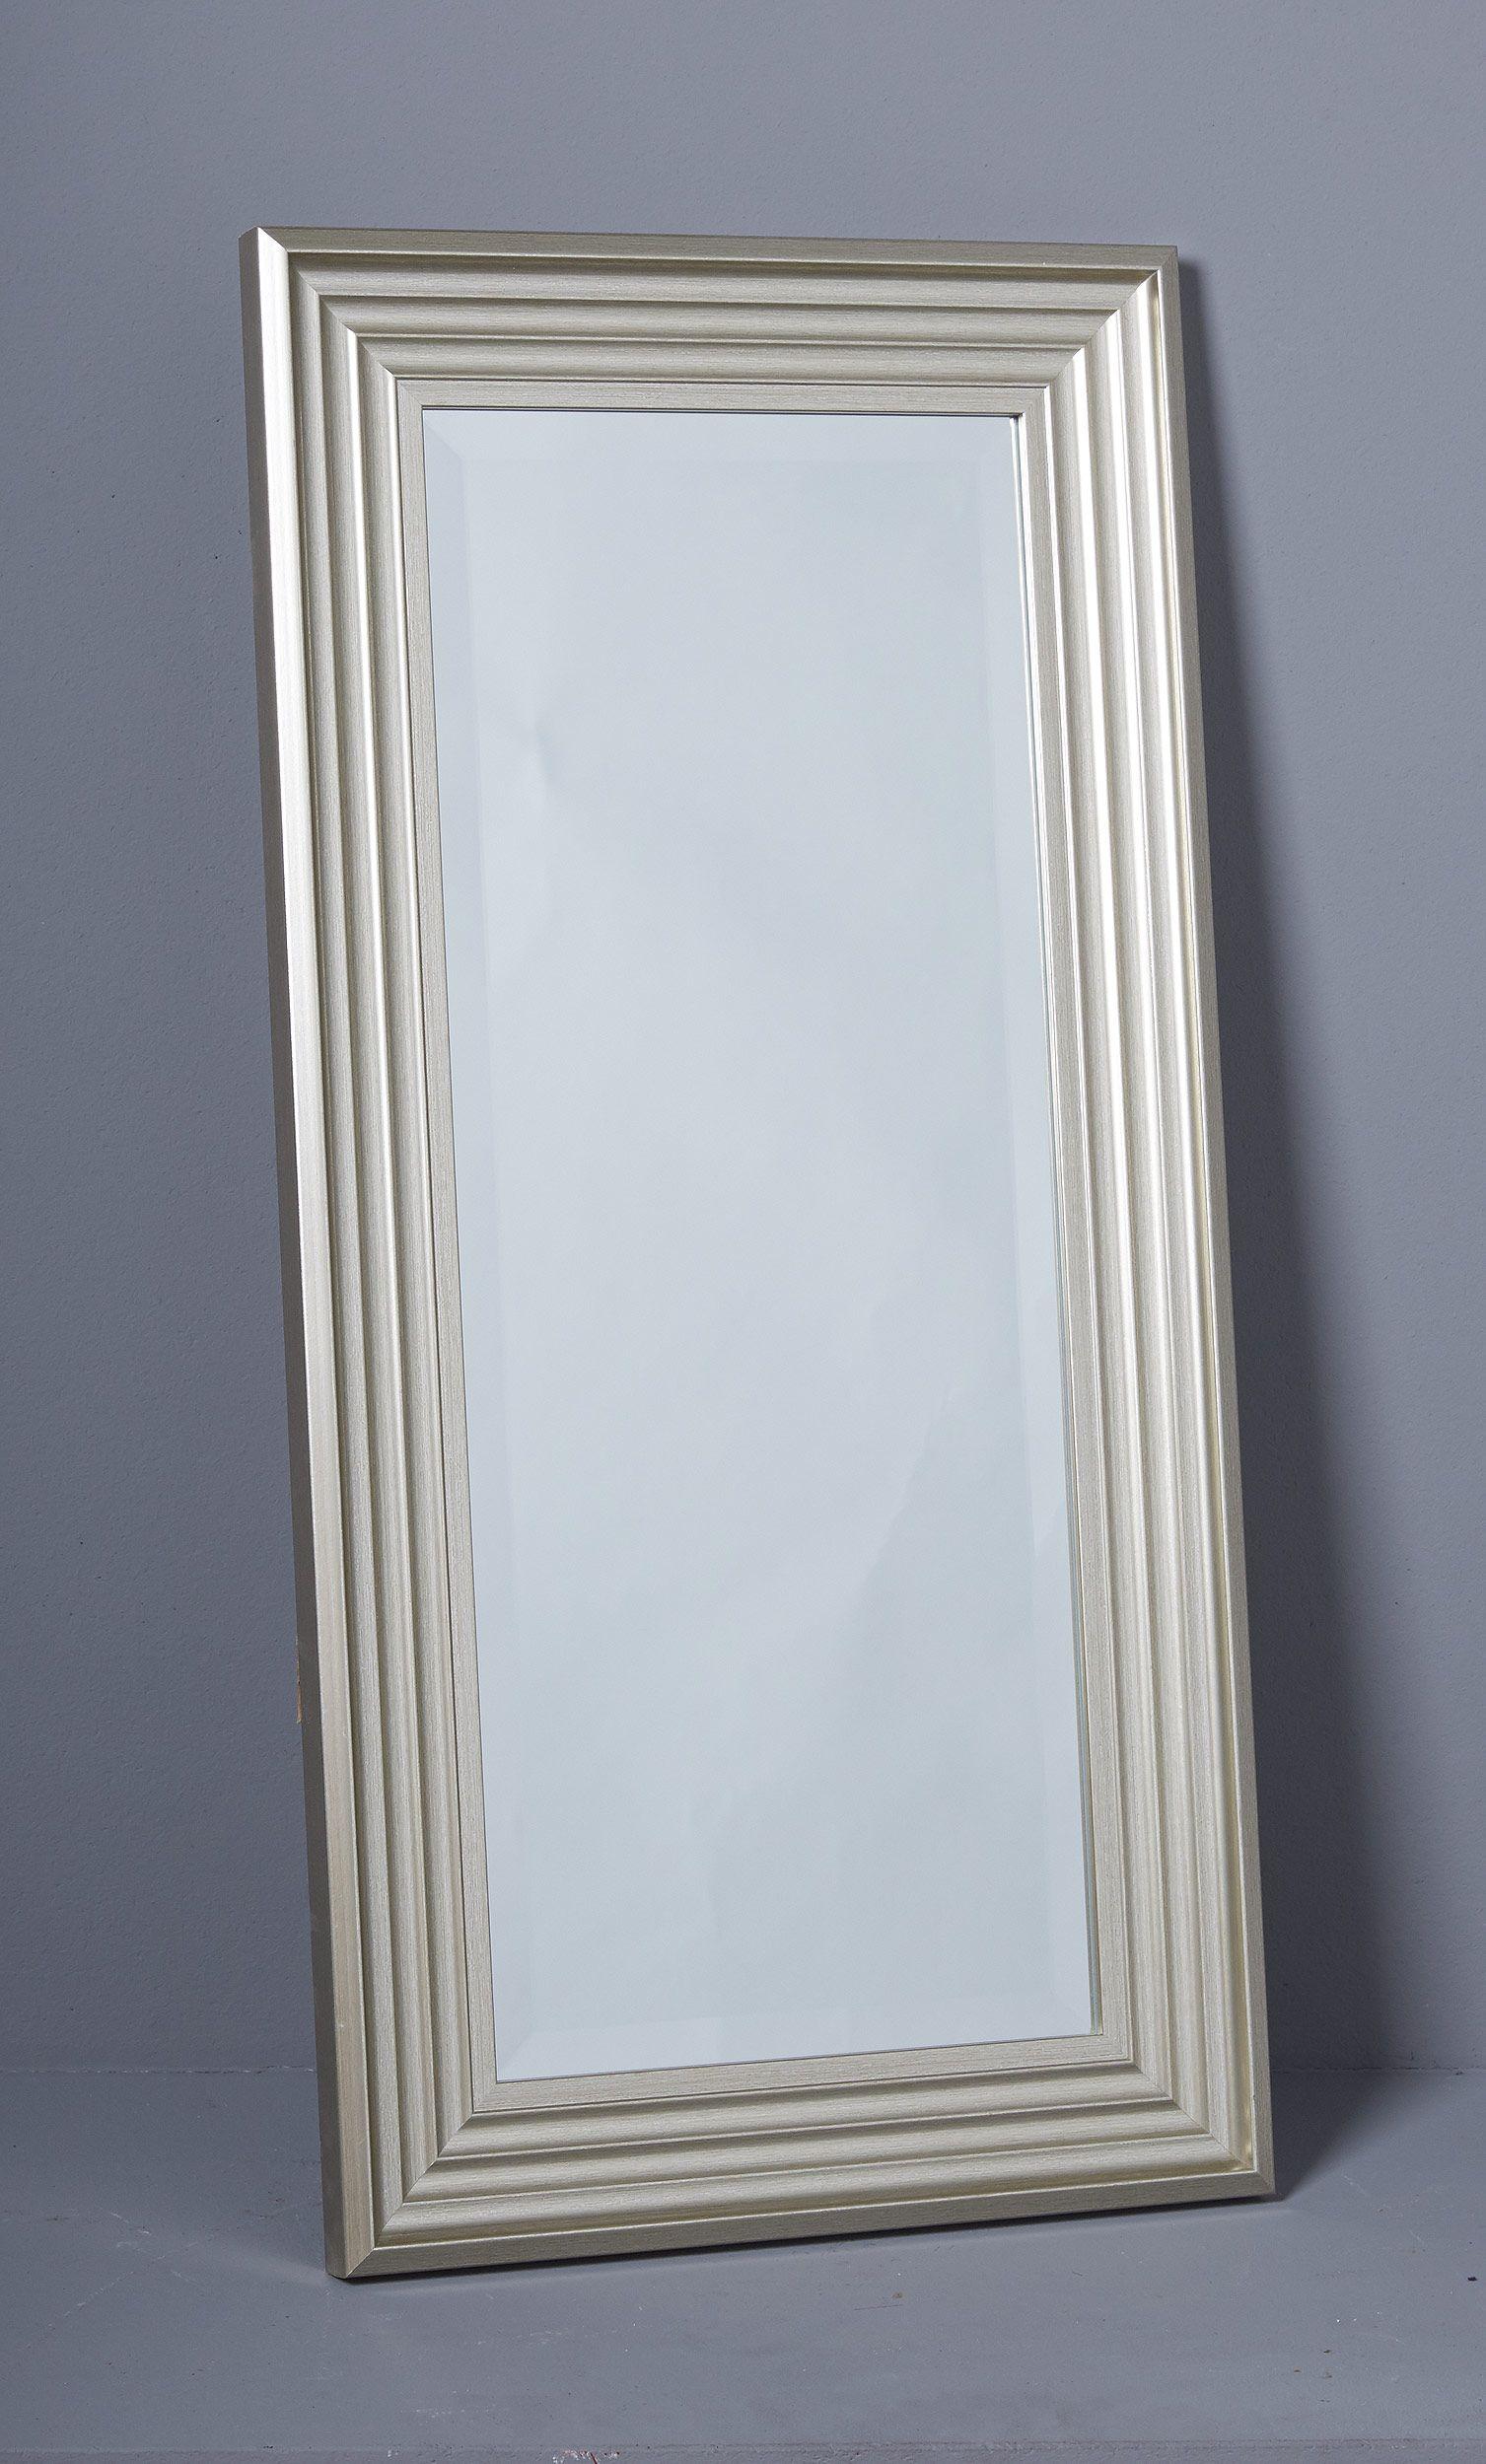 Wandspiegel 80x40 silberfarbend im Shabby Chic Stil | Spiegel ...